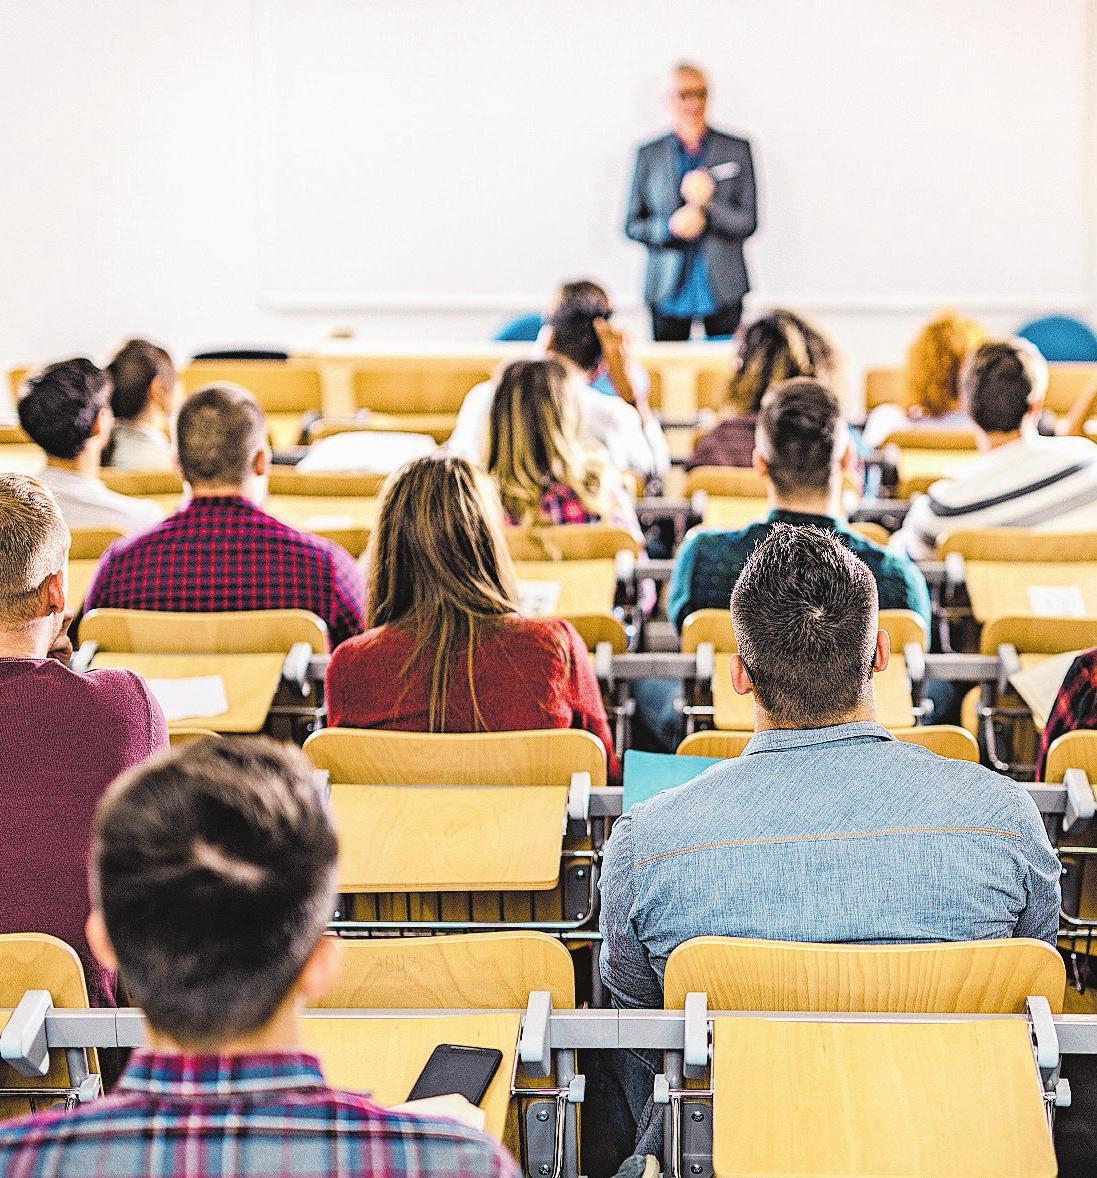 Vorbereitungskurse auf eidgenössische Prüfungen werden vom Bund finanziell unterstützt. Bild: GettyImages